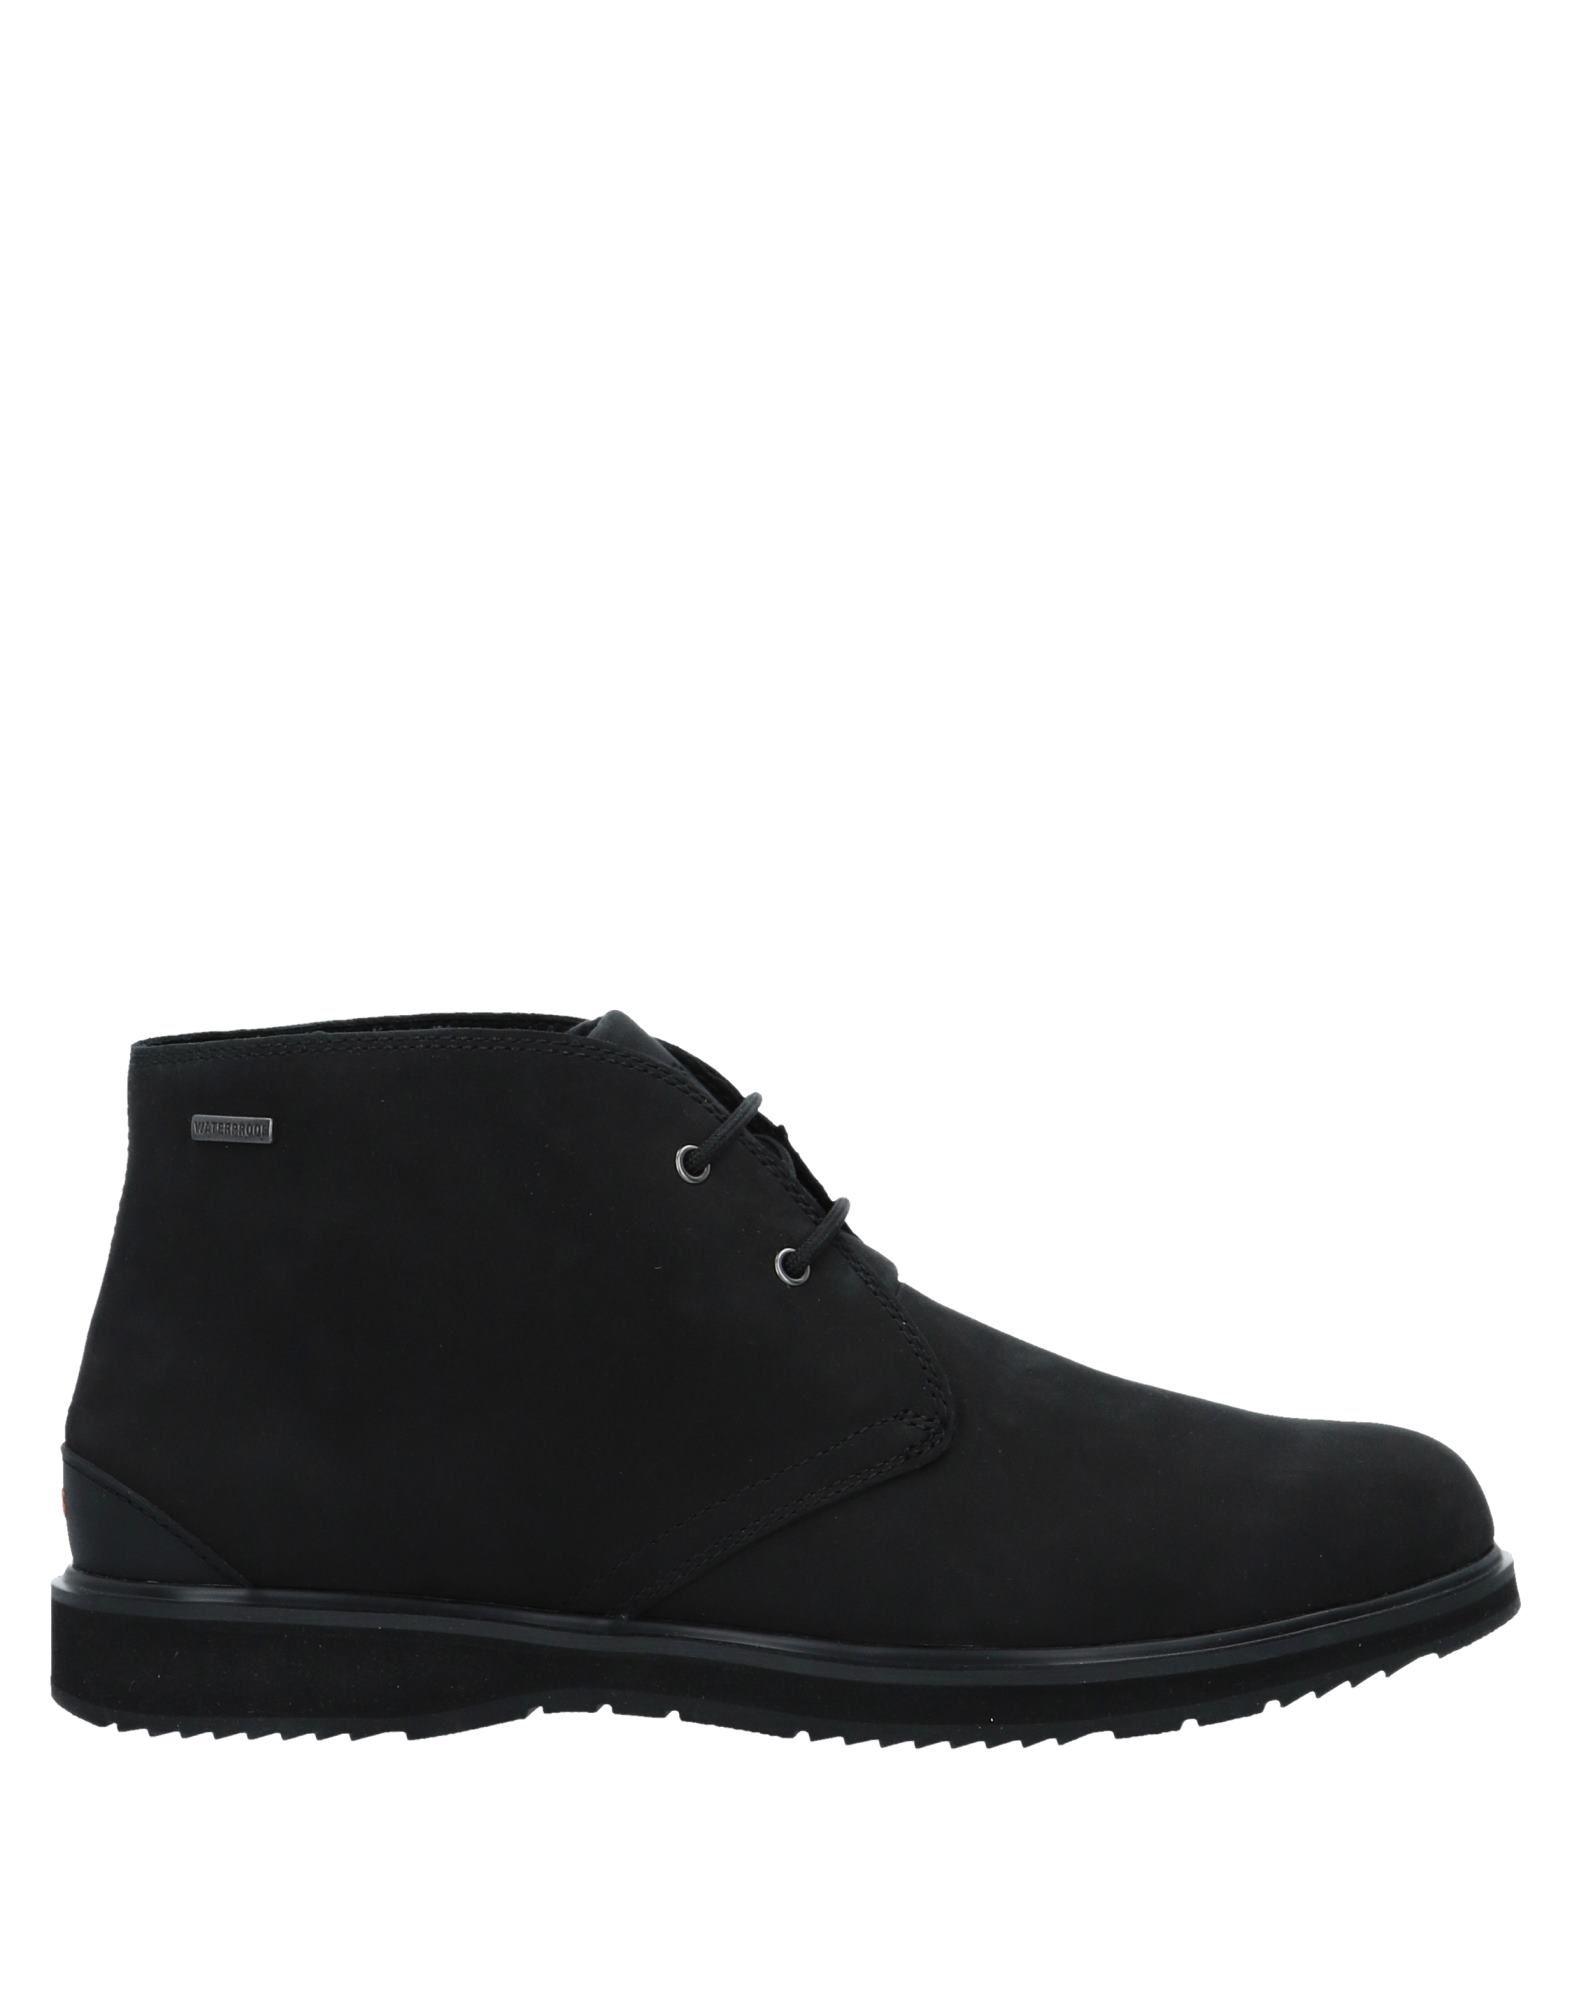 Swims Stiefelette Herren  11535756HV Gute Qualität beliebte Schuhe